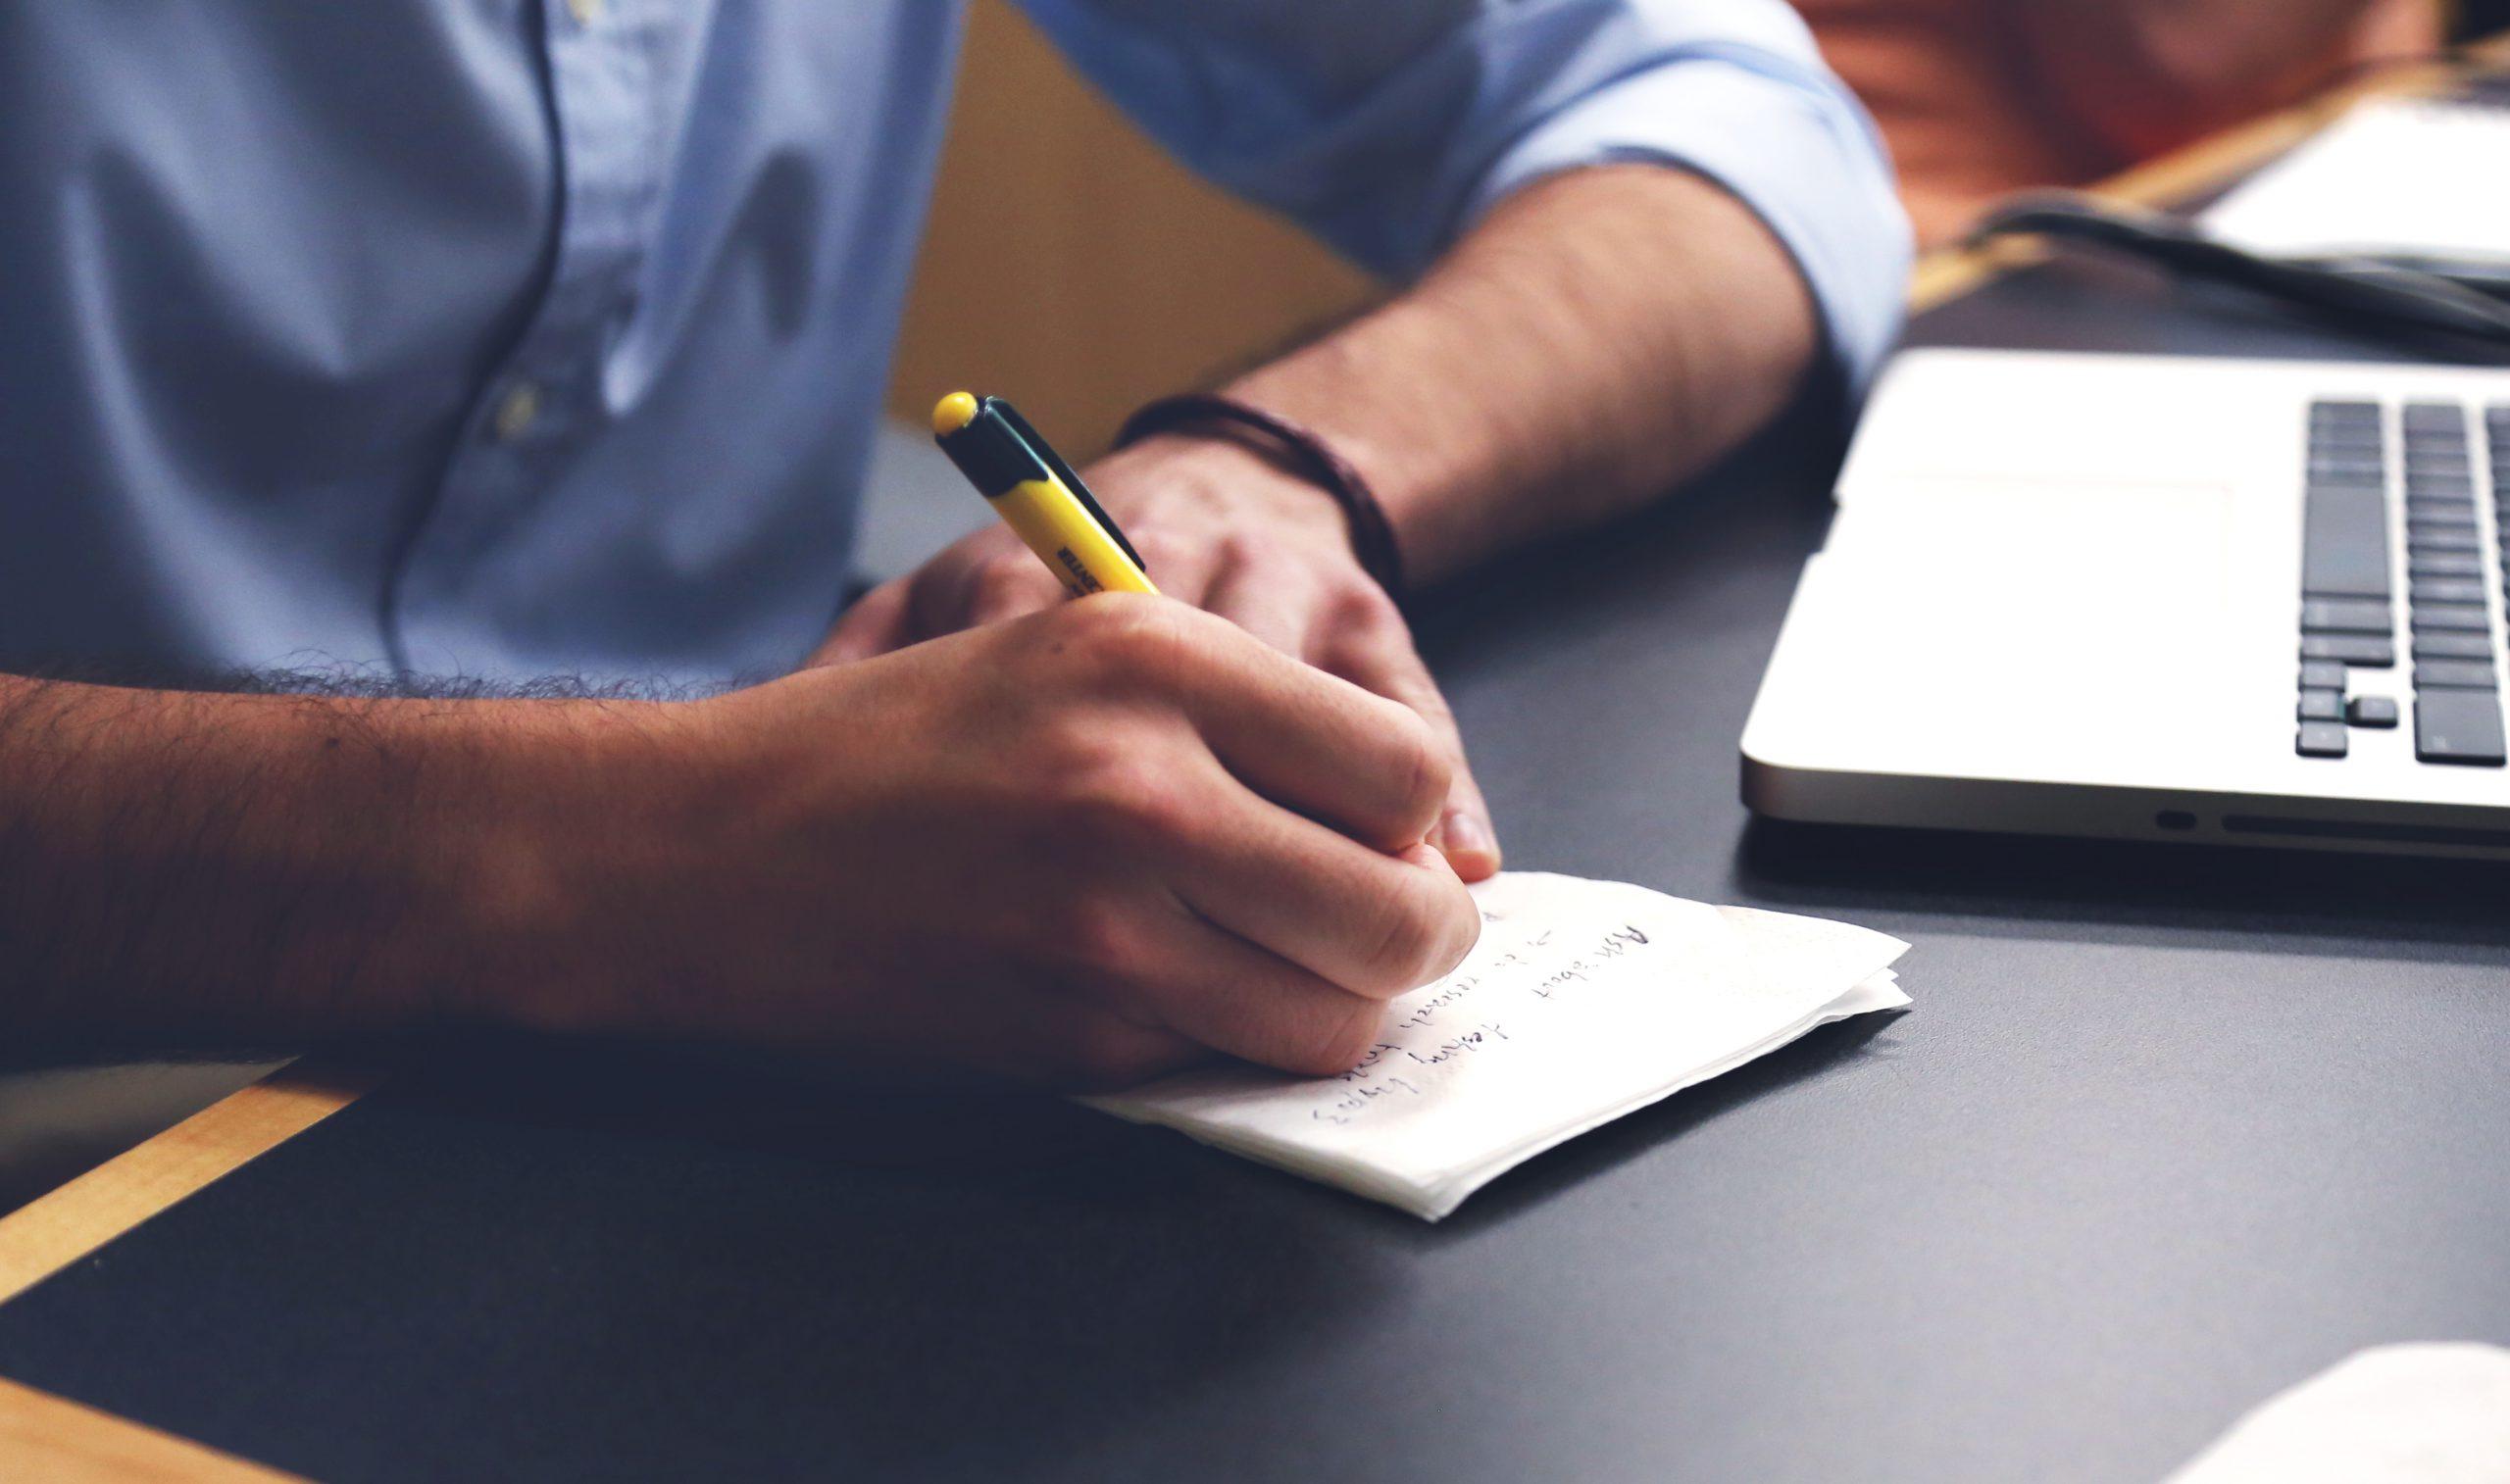 Mann arbeitet mit Laptop und Notizbuch